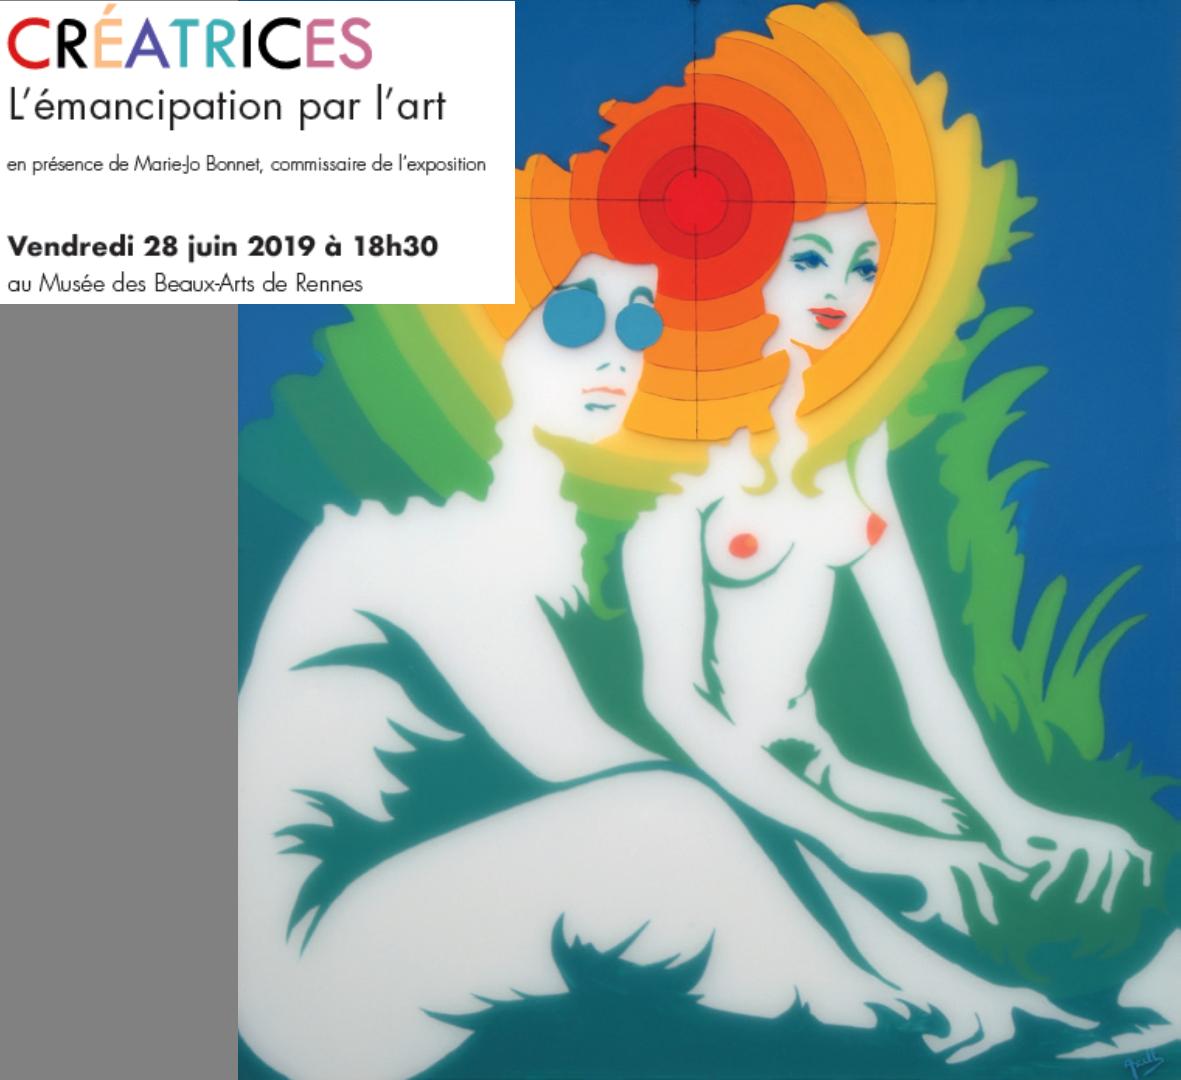 """Vernissage de l'exposition """"Créatrices, émancipation des femmes par l'art"""" le 28 Juin 2019 au musée des Beaux Arts de Rennes"""